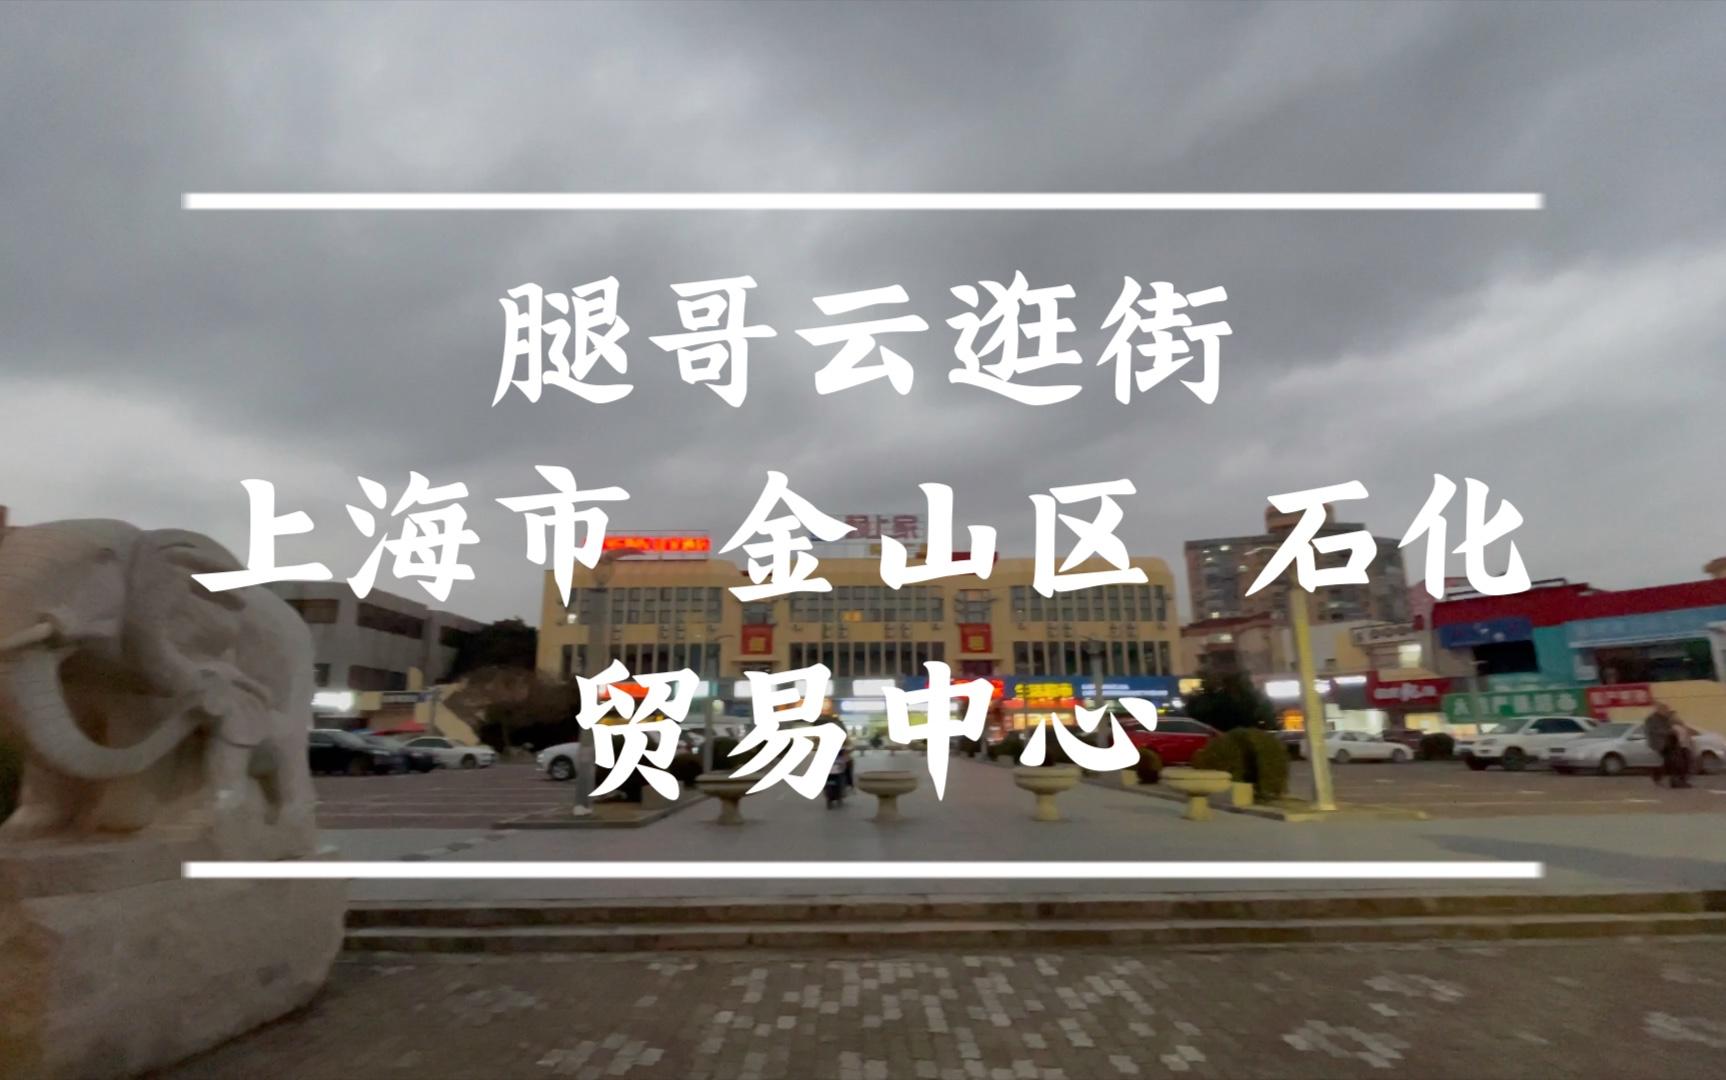 【腿哥云逛街】东海明珠 上海市 金山区 贸中(贸易中心)